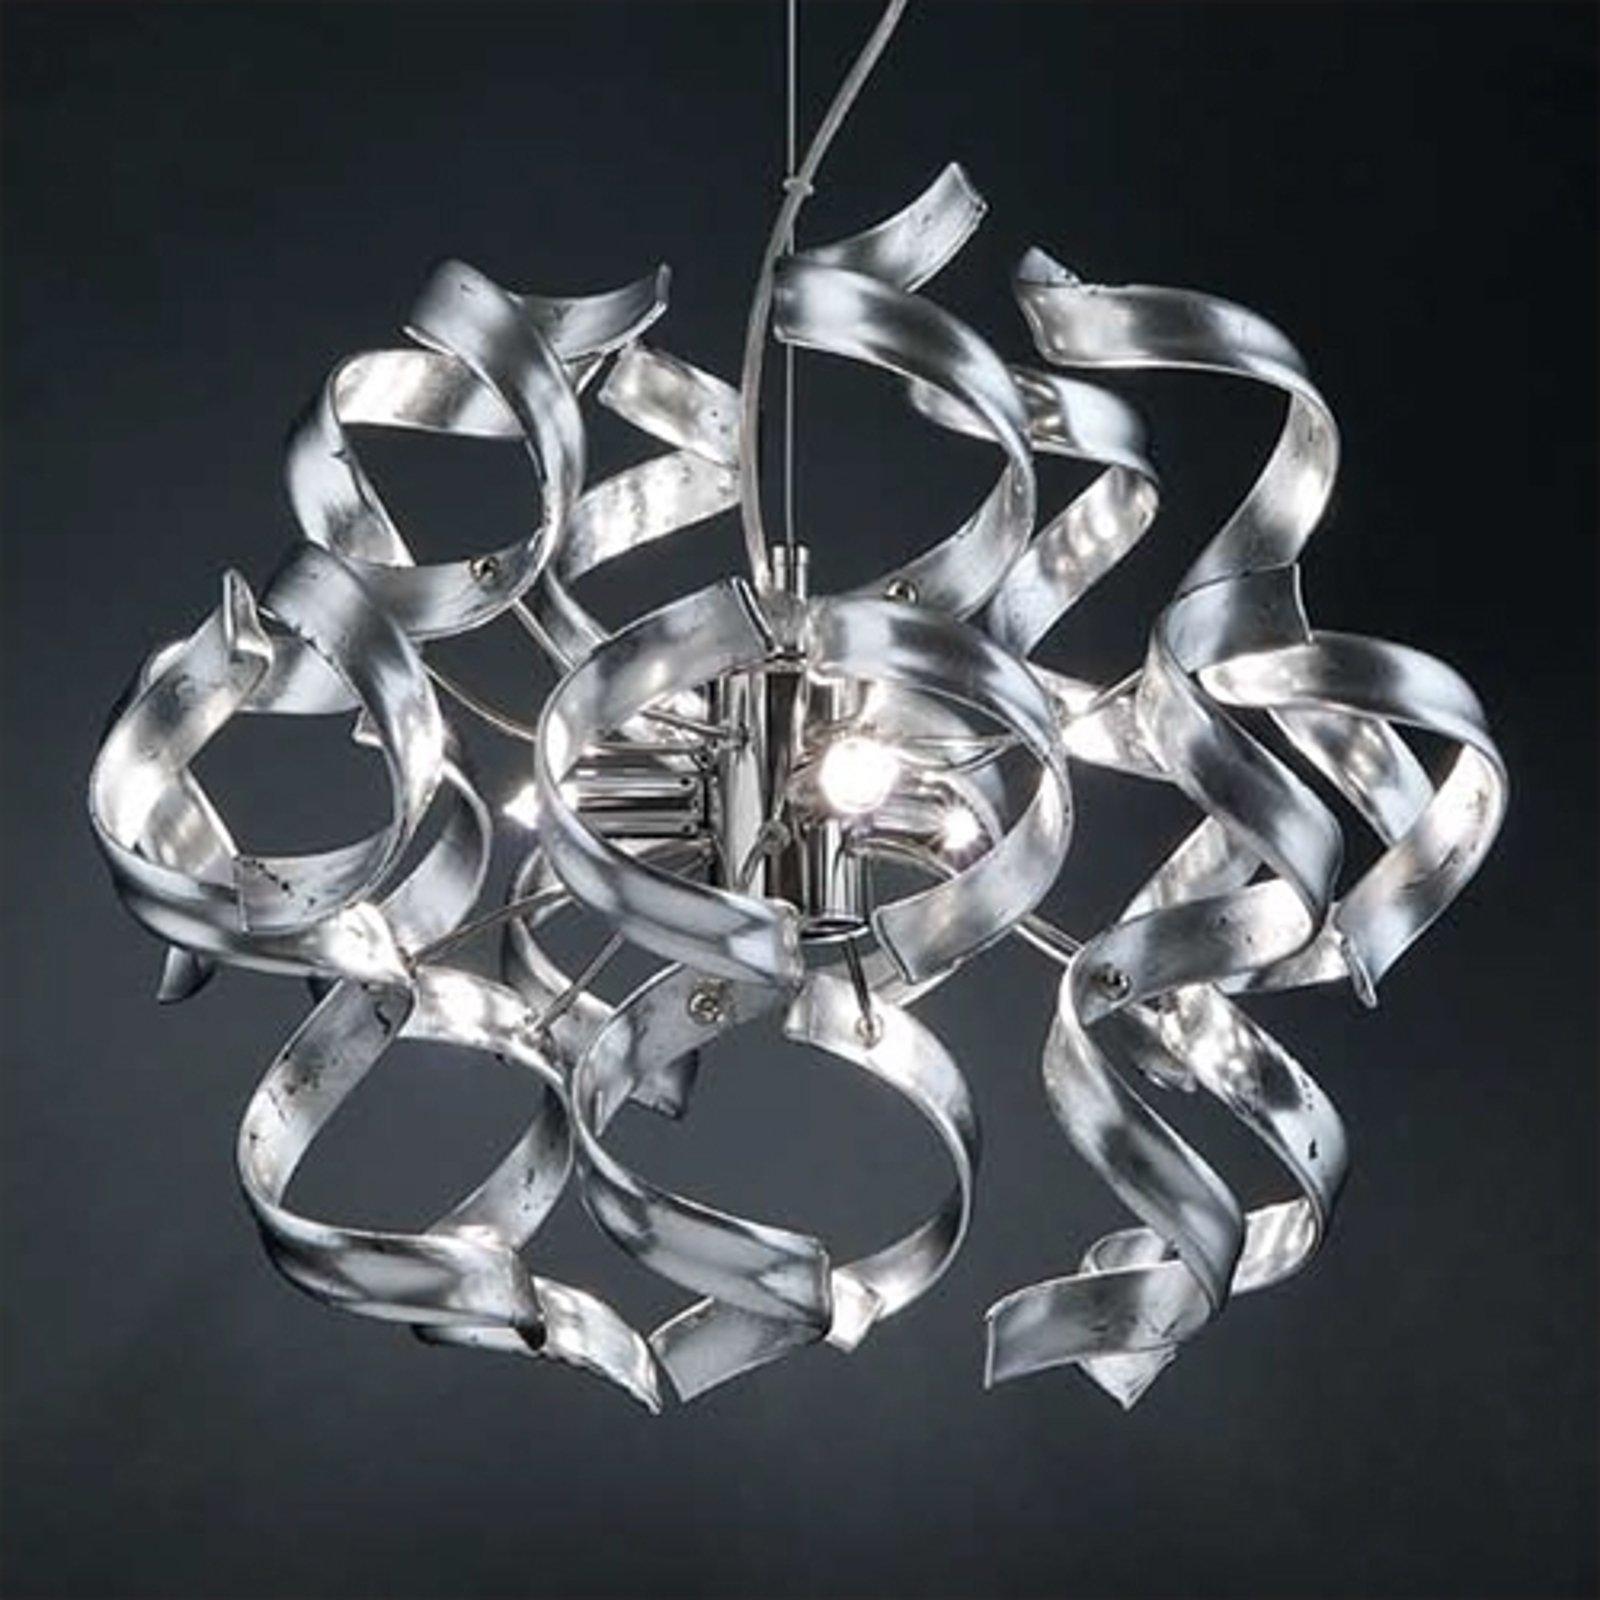 Fin taklampe SILVER, 40 cm i diameter